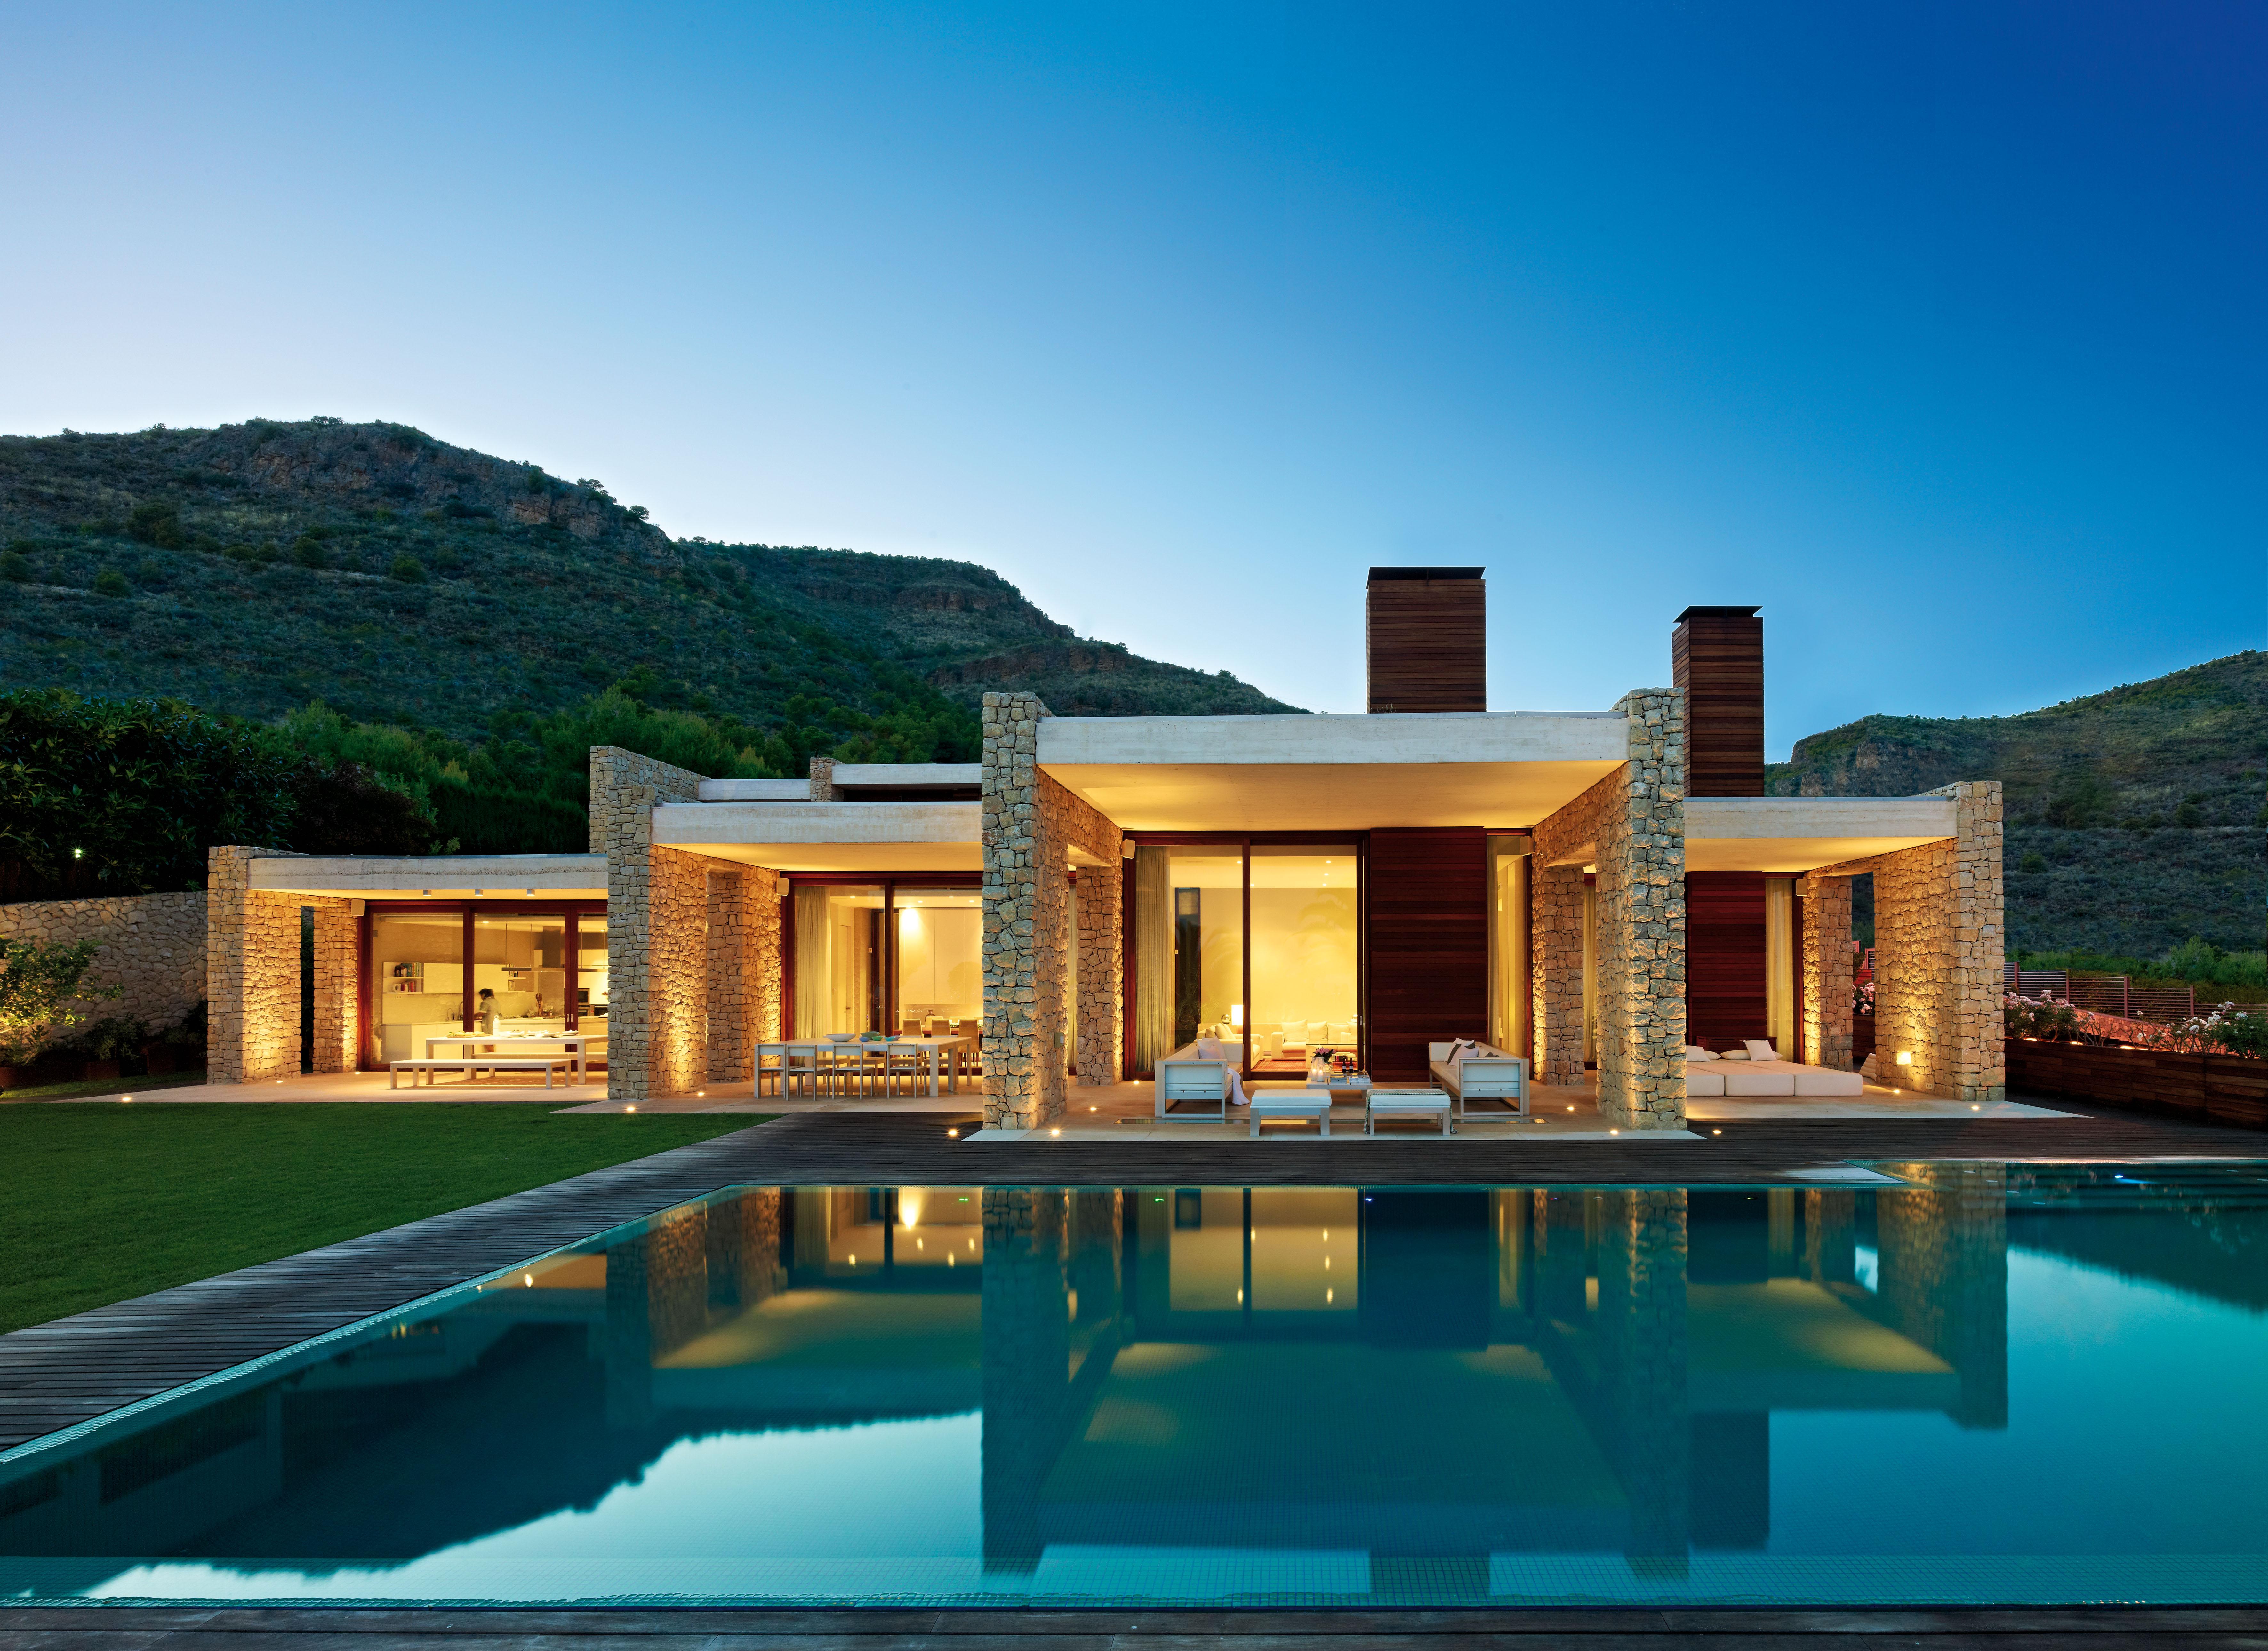 Casas de ensueño: una vivienda de diseño romano en el siglo XXI... y ...